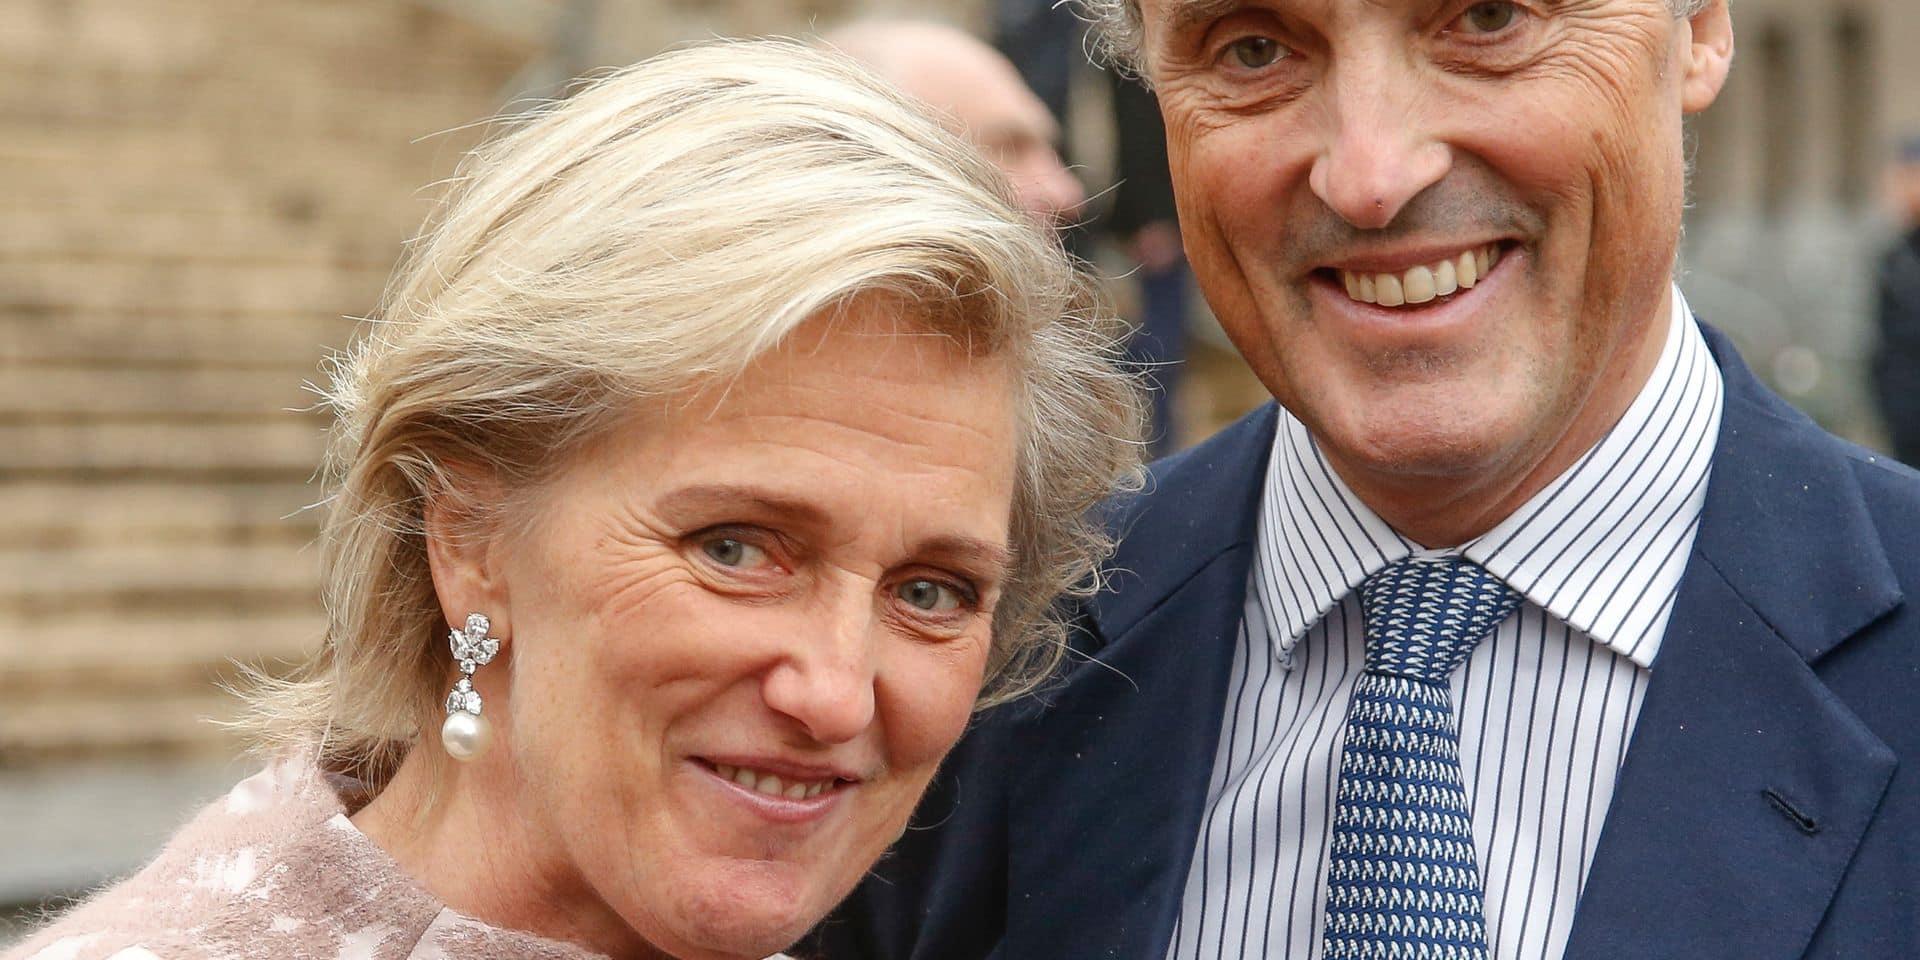 L'archiduc Lorenz, mari de la princesse Astrid, a fêté ses 65 ans: mais qui est donc vraiment celui qui demeure comme un grand inconnu dans l'opinion publique belge?